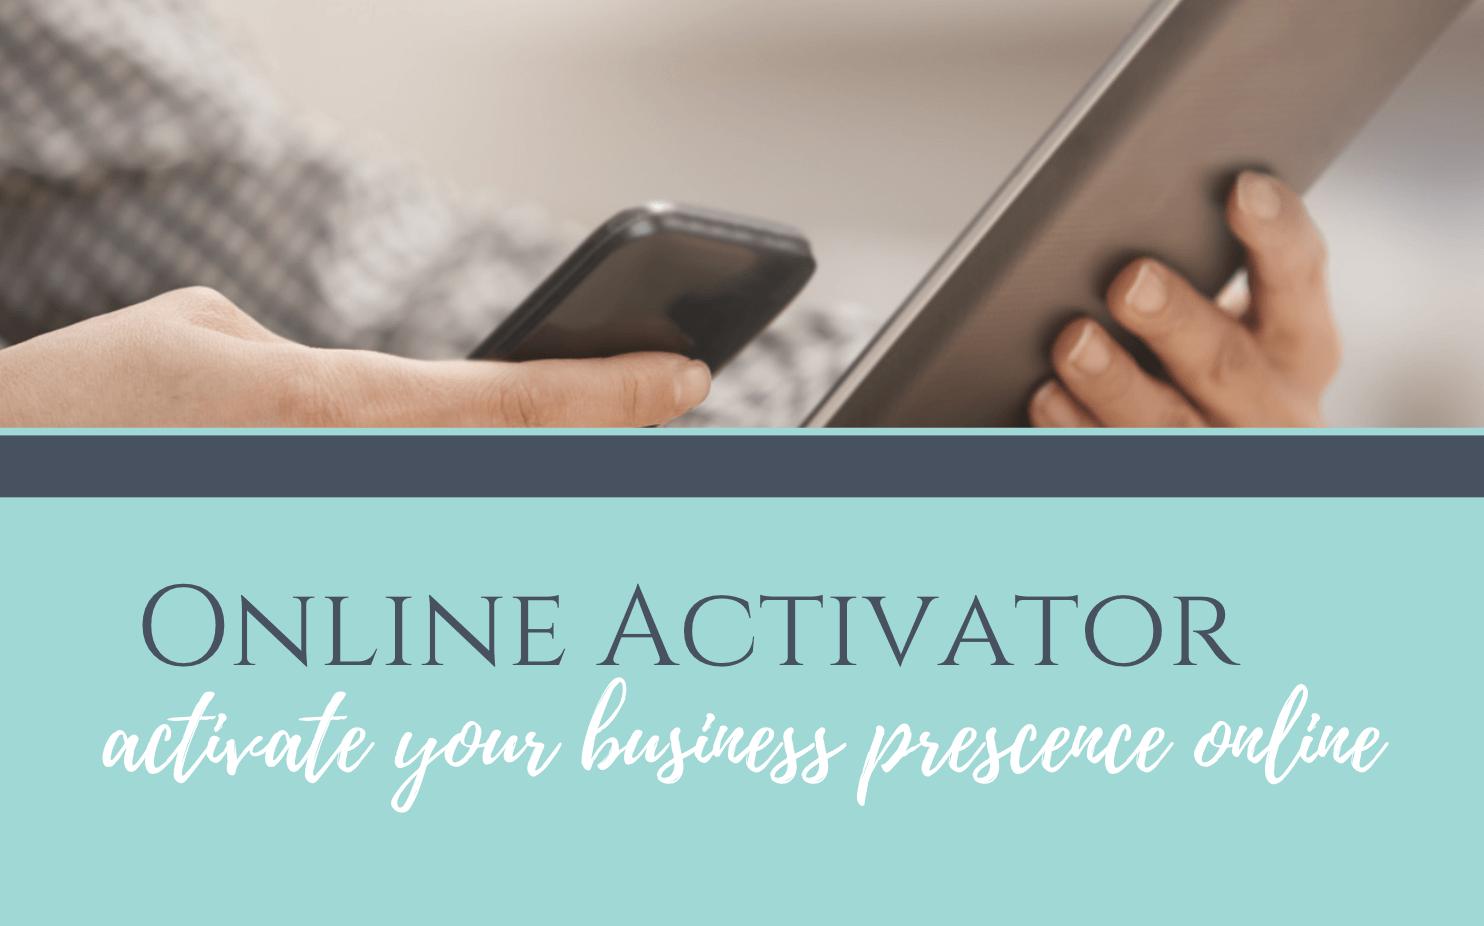 Online Activator